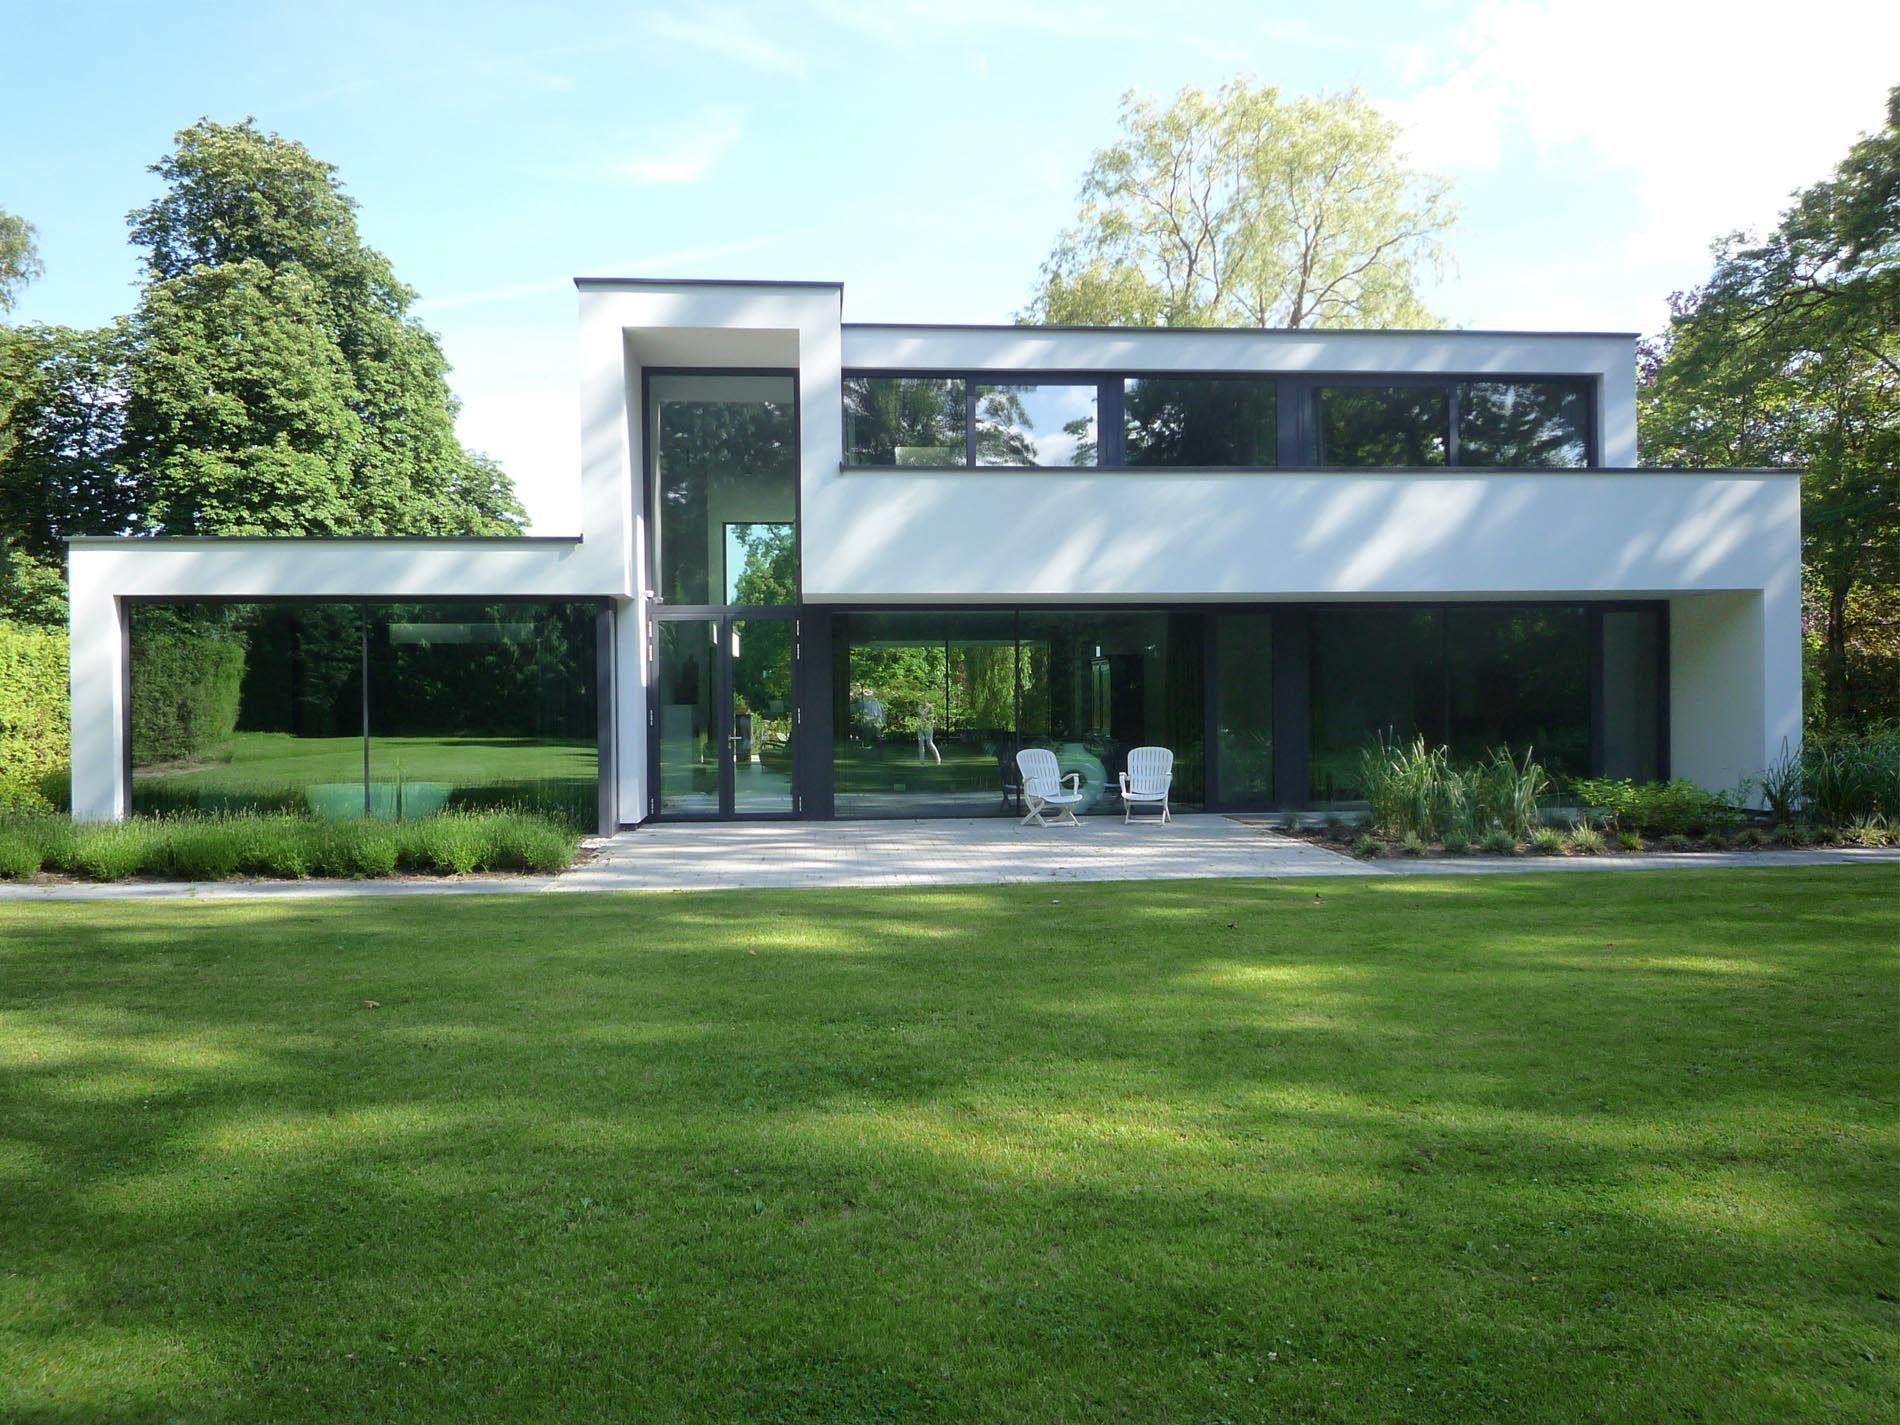 Maas architecten woonhuis oldenzaal stucwerk modern for Architecture de villa moderne